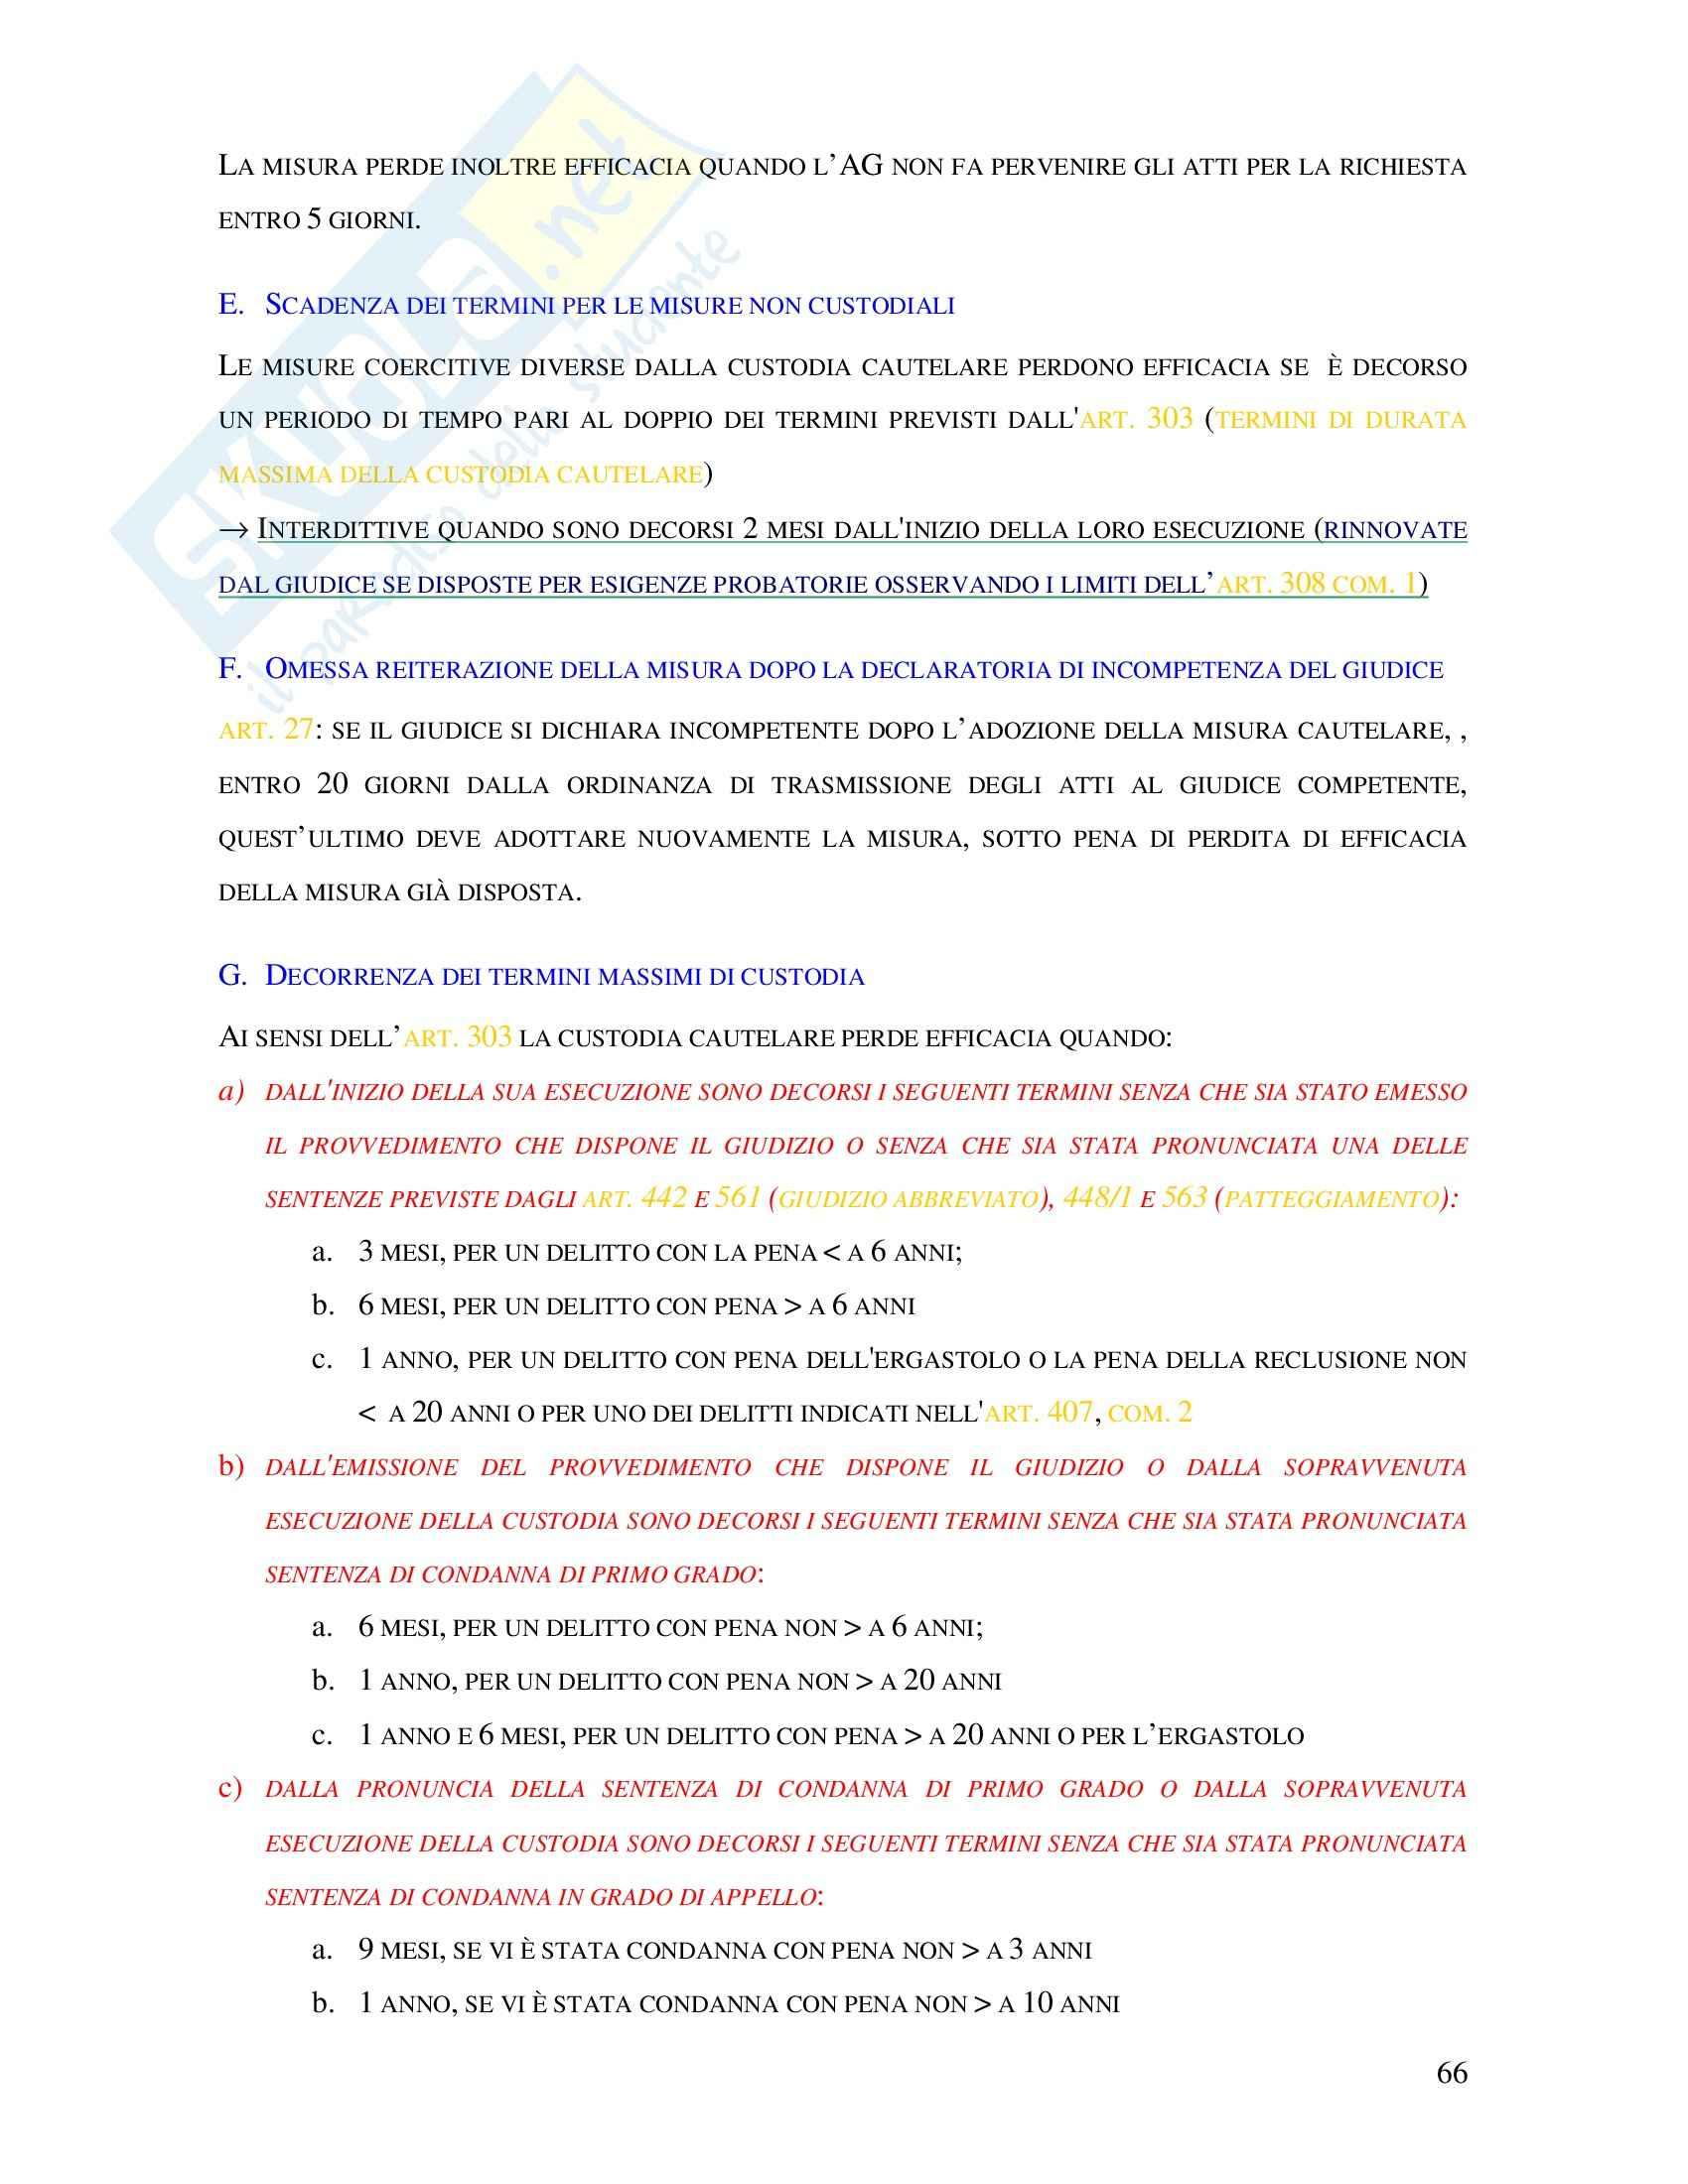 Diritto penale - misure precautelari Pag. 11